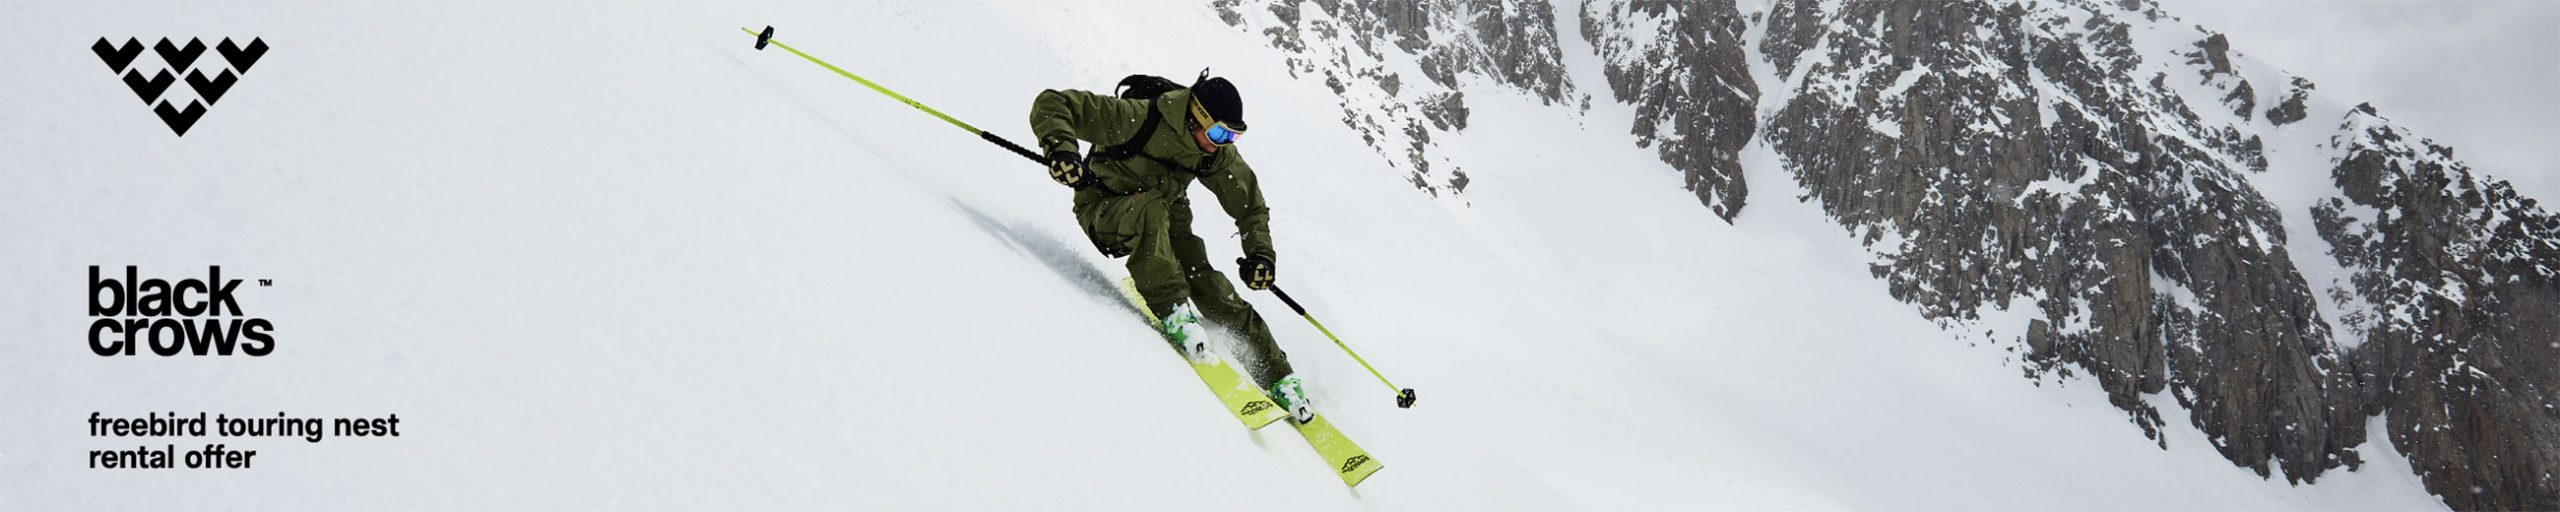 Black Crows Ski Rental Chamonix